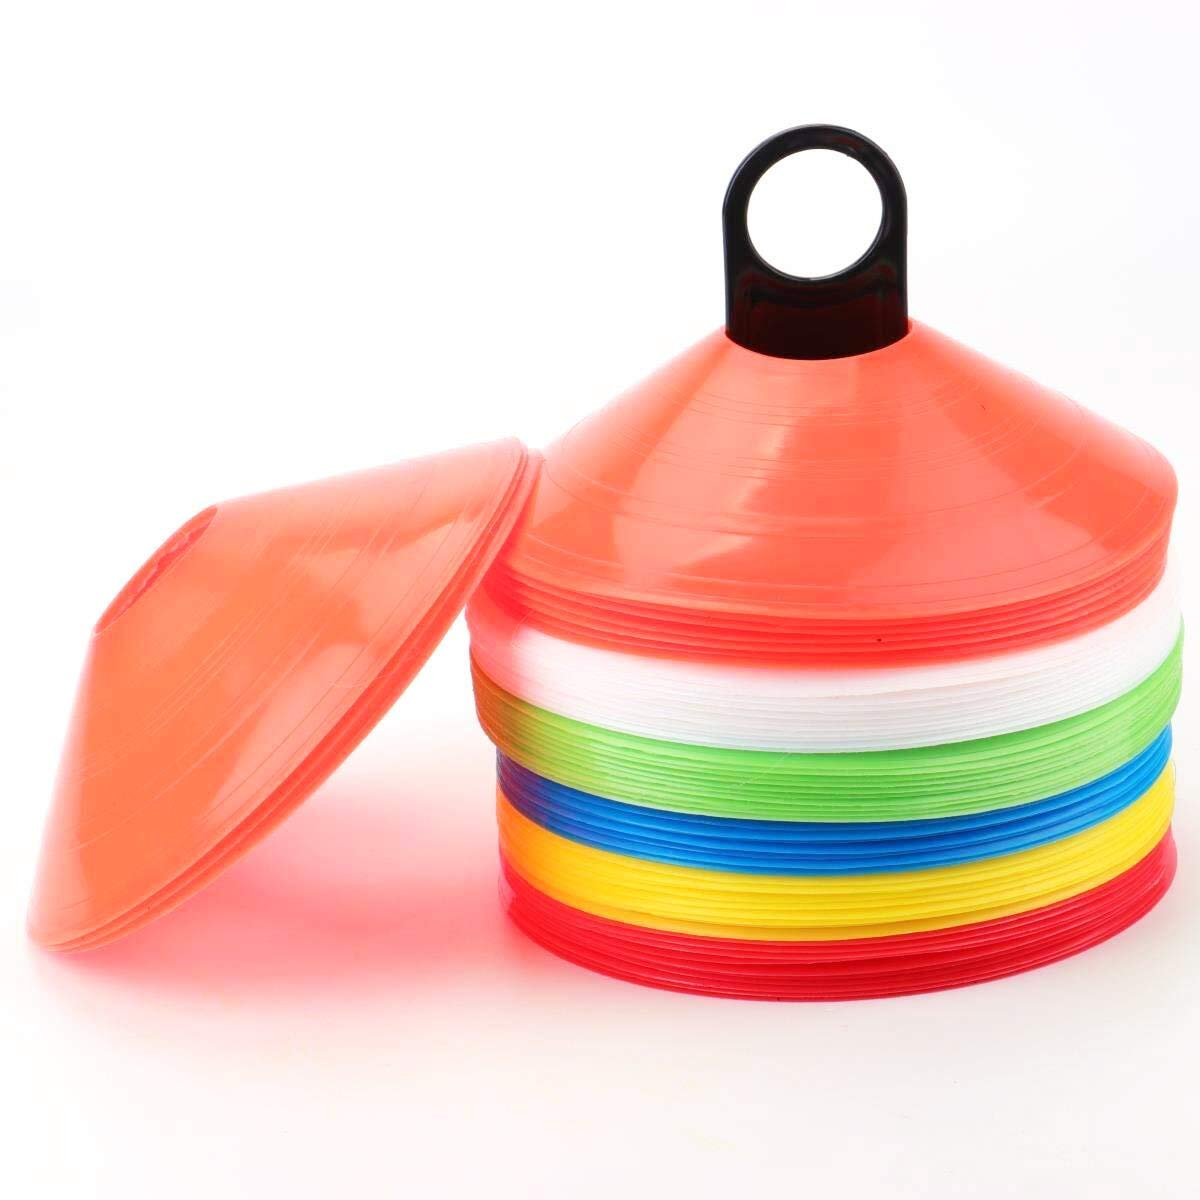 besnail Conos marcadores 60/Unidades Incluye Soporte y Funda Juego de Amarillo Rojo besnail Naranja Azul Blanco